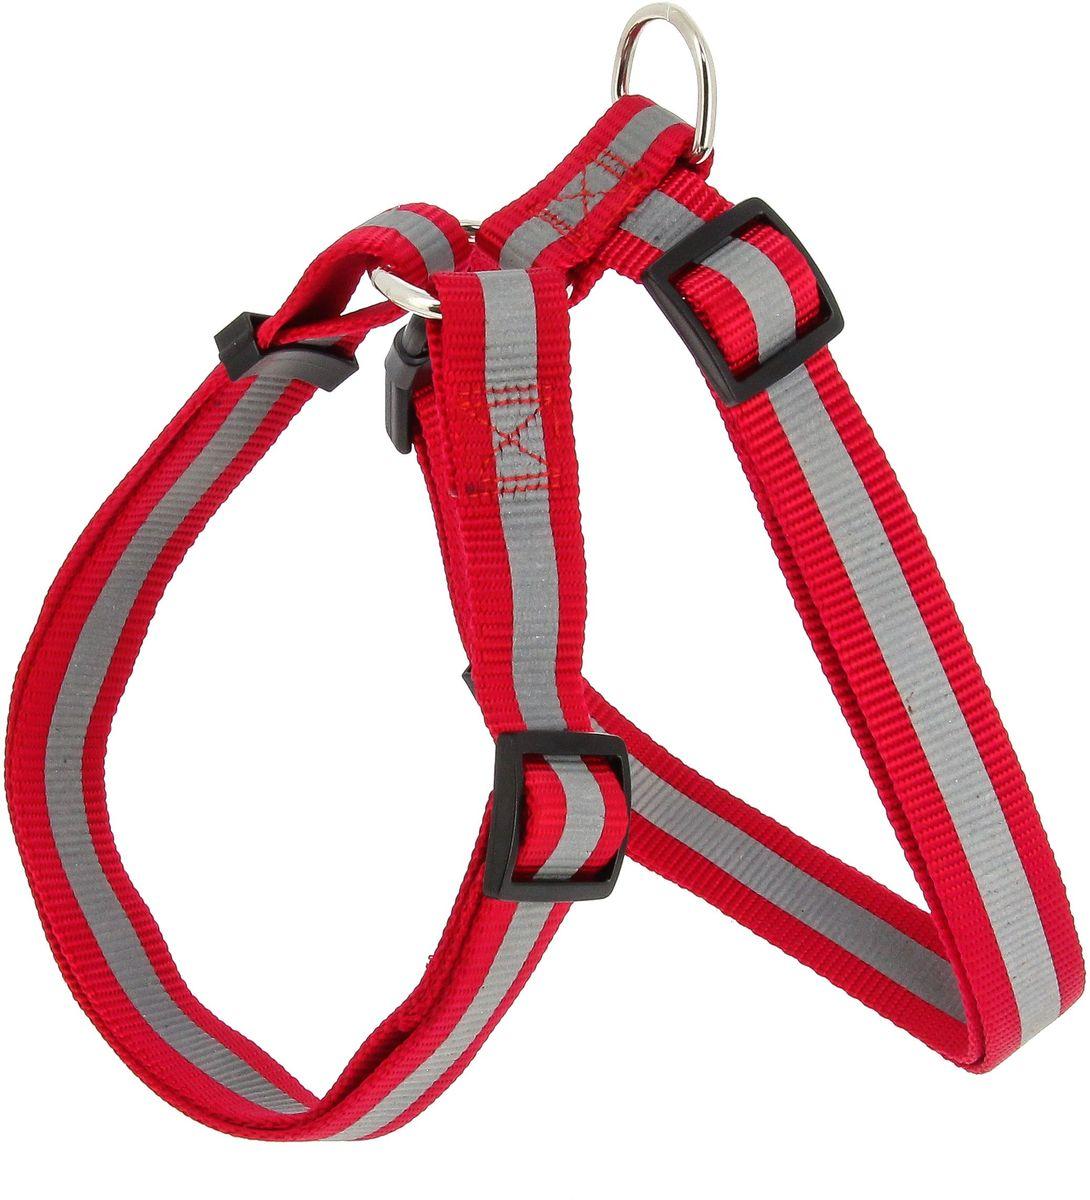 Шлейка для собак Каскад, со светоотражателем, цвет: красный, ширина 10 мм, обхват груди 20-30 см01210013-02Шлейка, изготовленная из прочного нейлона, подходит для собак. Крепкие металлические элементы делают ее надежной и долговечной. Шлейка - это альтернатива ошейнику. Правильно подобранная шлейка не стесняет движения питомца, не натирает кожу, поэтому животное чувствует себя в ней уверенно и комфортно. Размер регулируется при помощи пряжки.Обхват груди: 20-30 см. Ширина шлейки: 1 см.